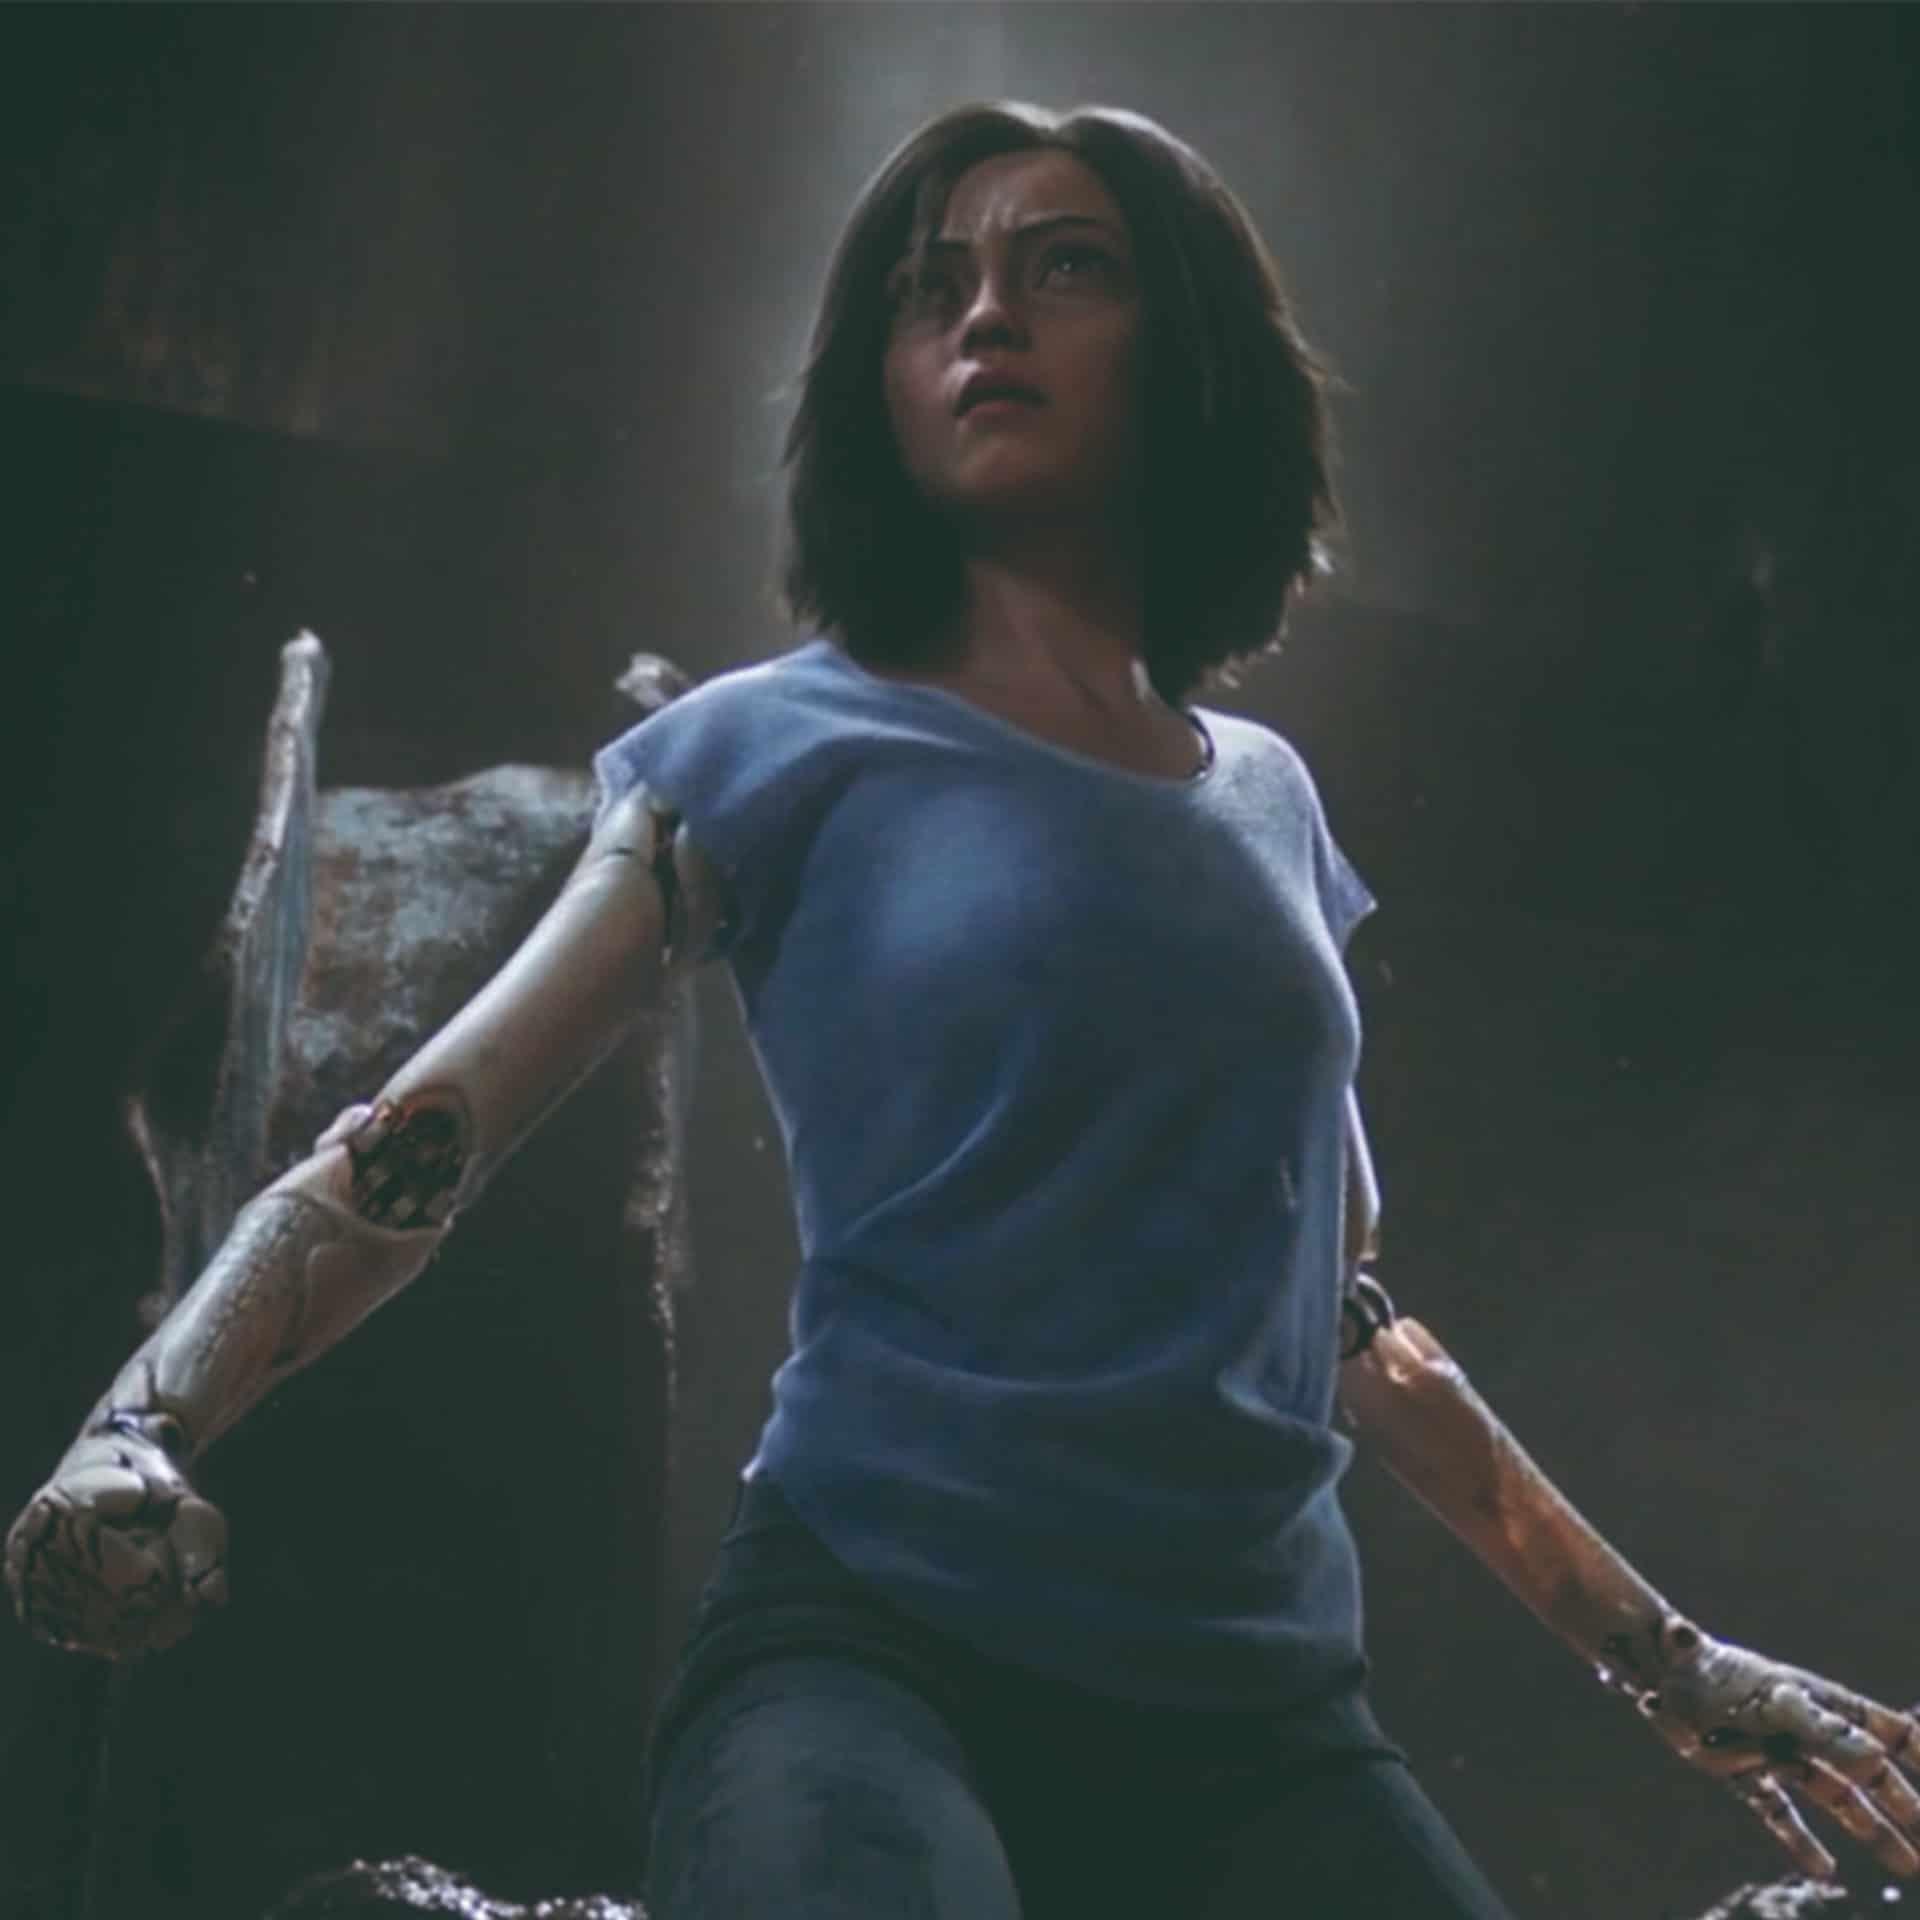 Bilde av en cyborg-jente fra filmen Altia Battle Angle